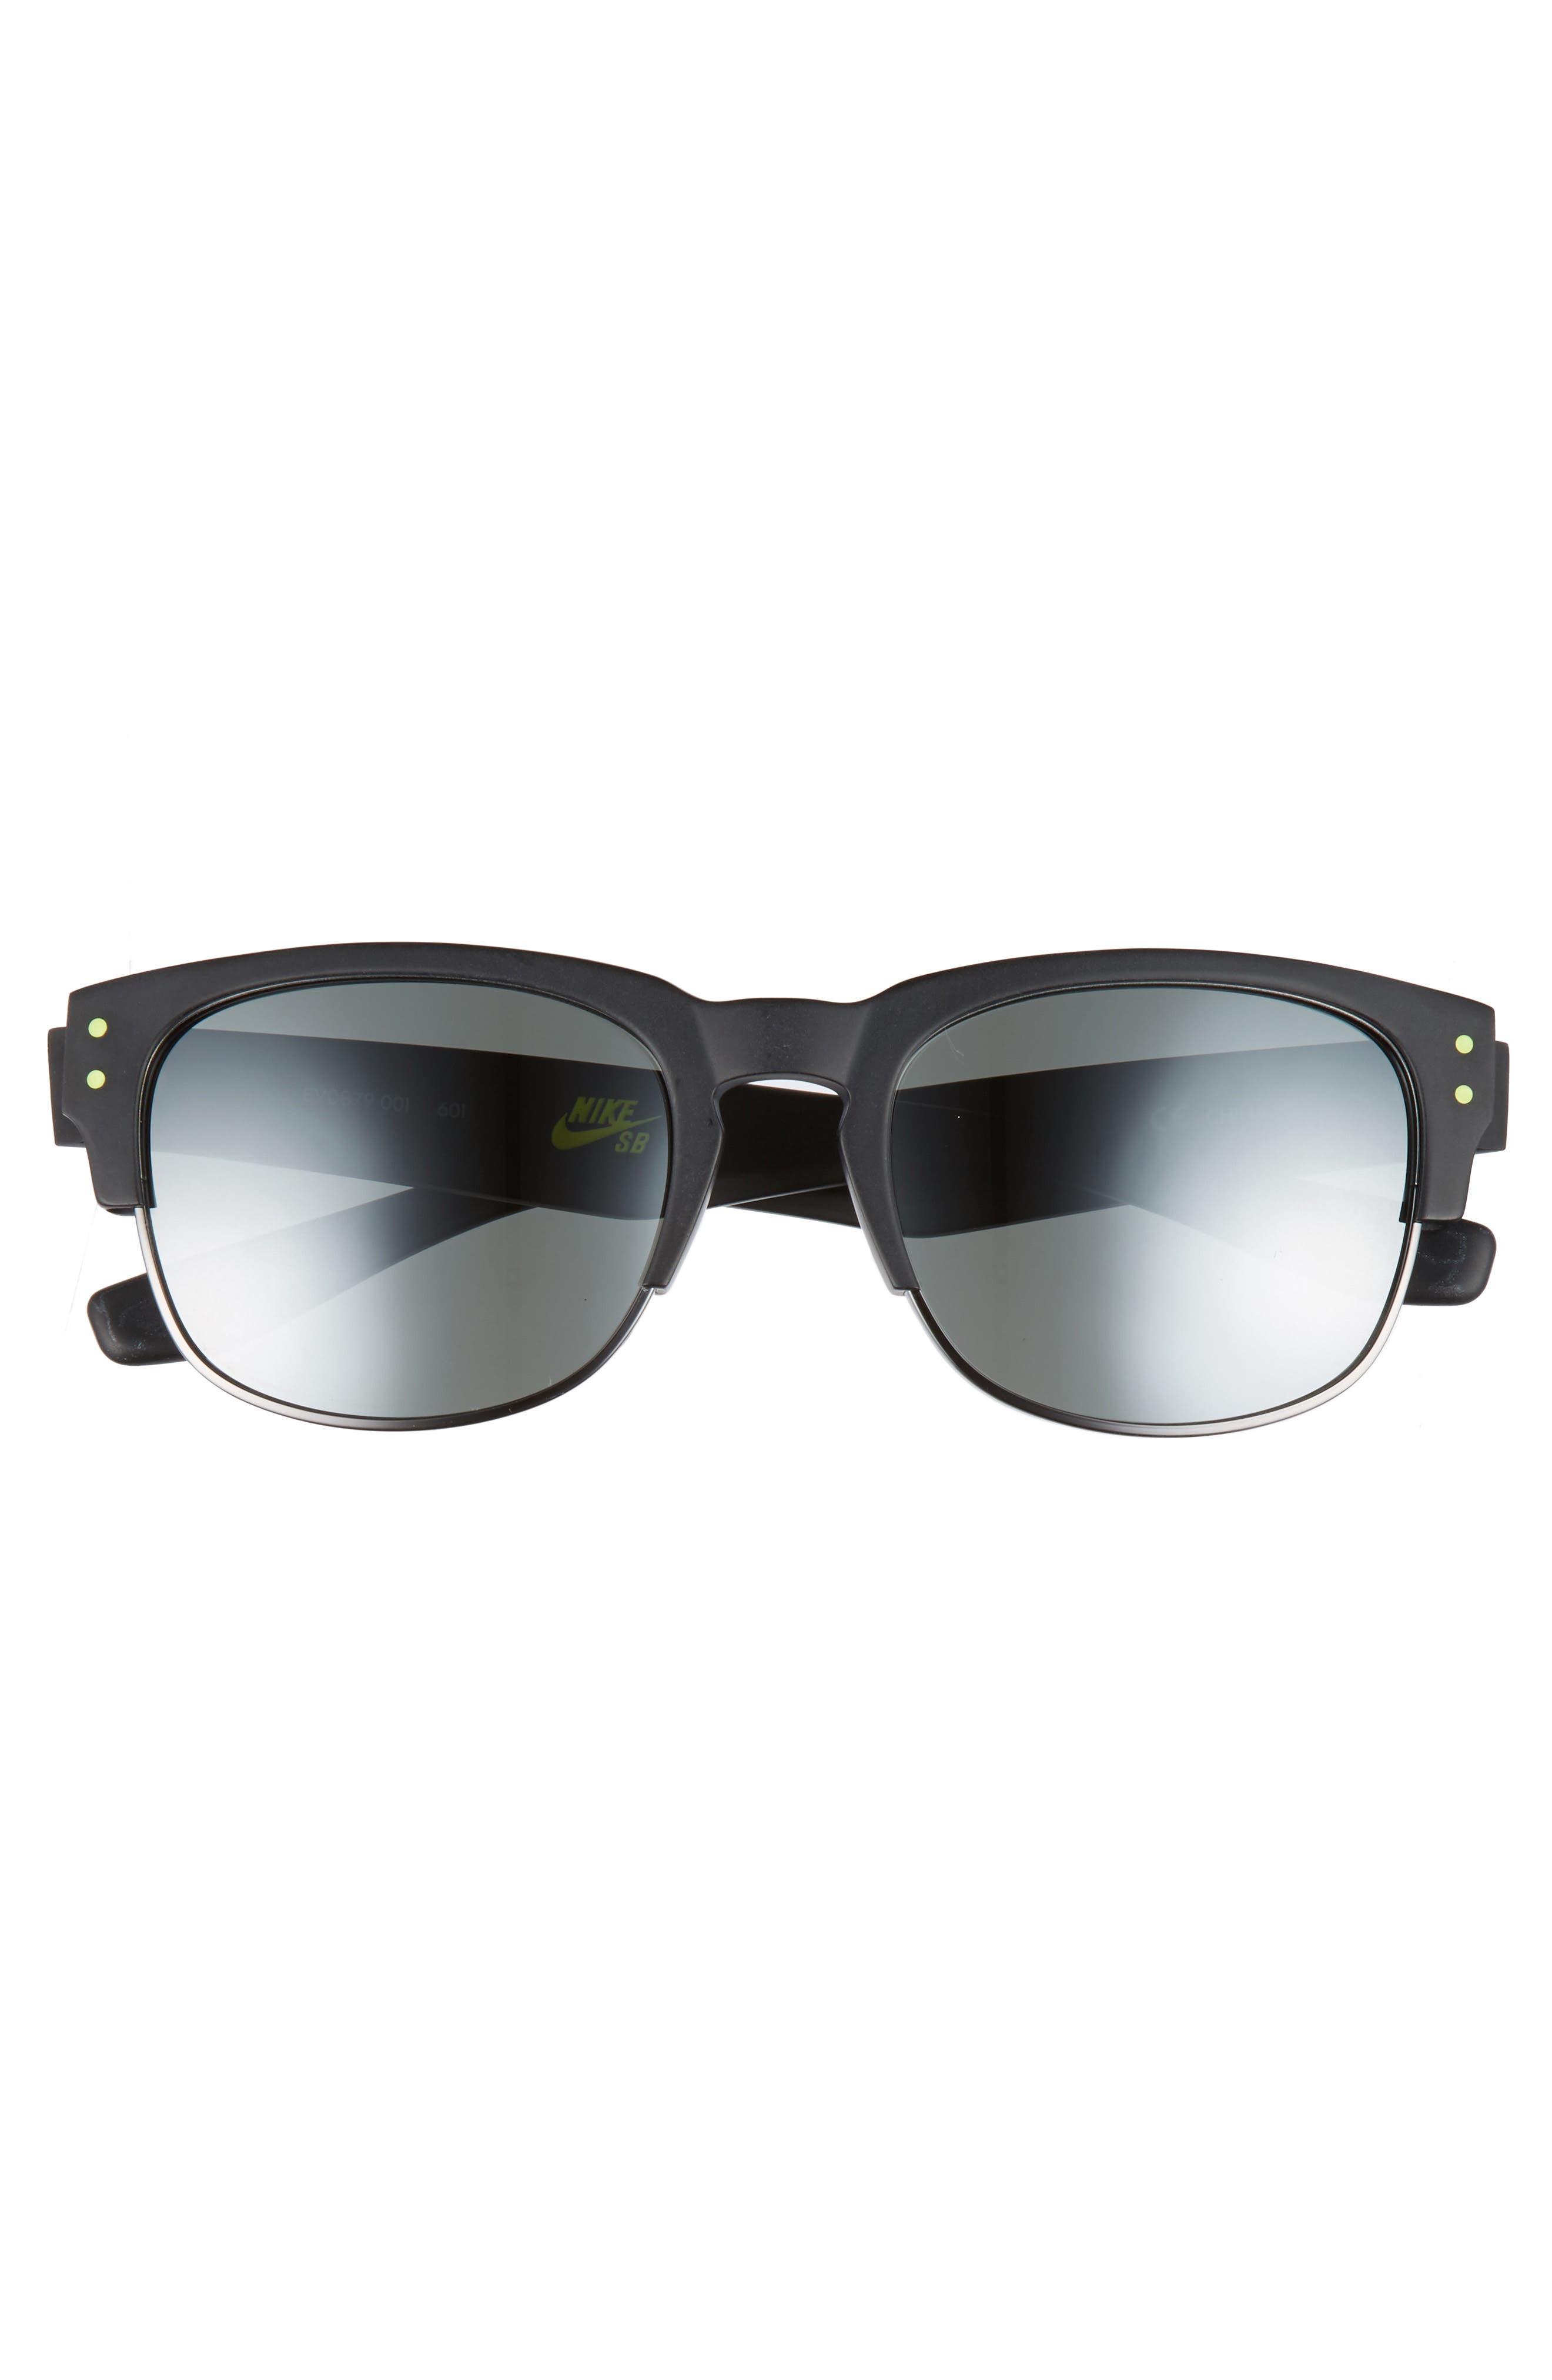 Volition 54mm Sunglasses,                             Alternate thumbnail 3, color,                             001